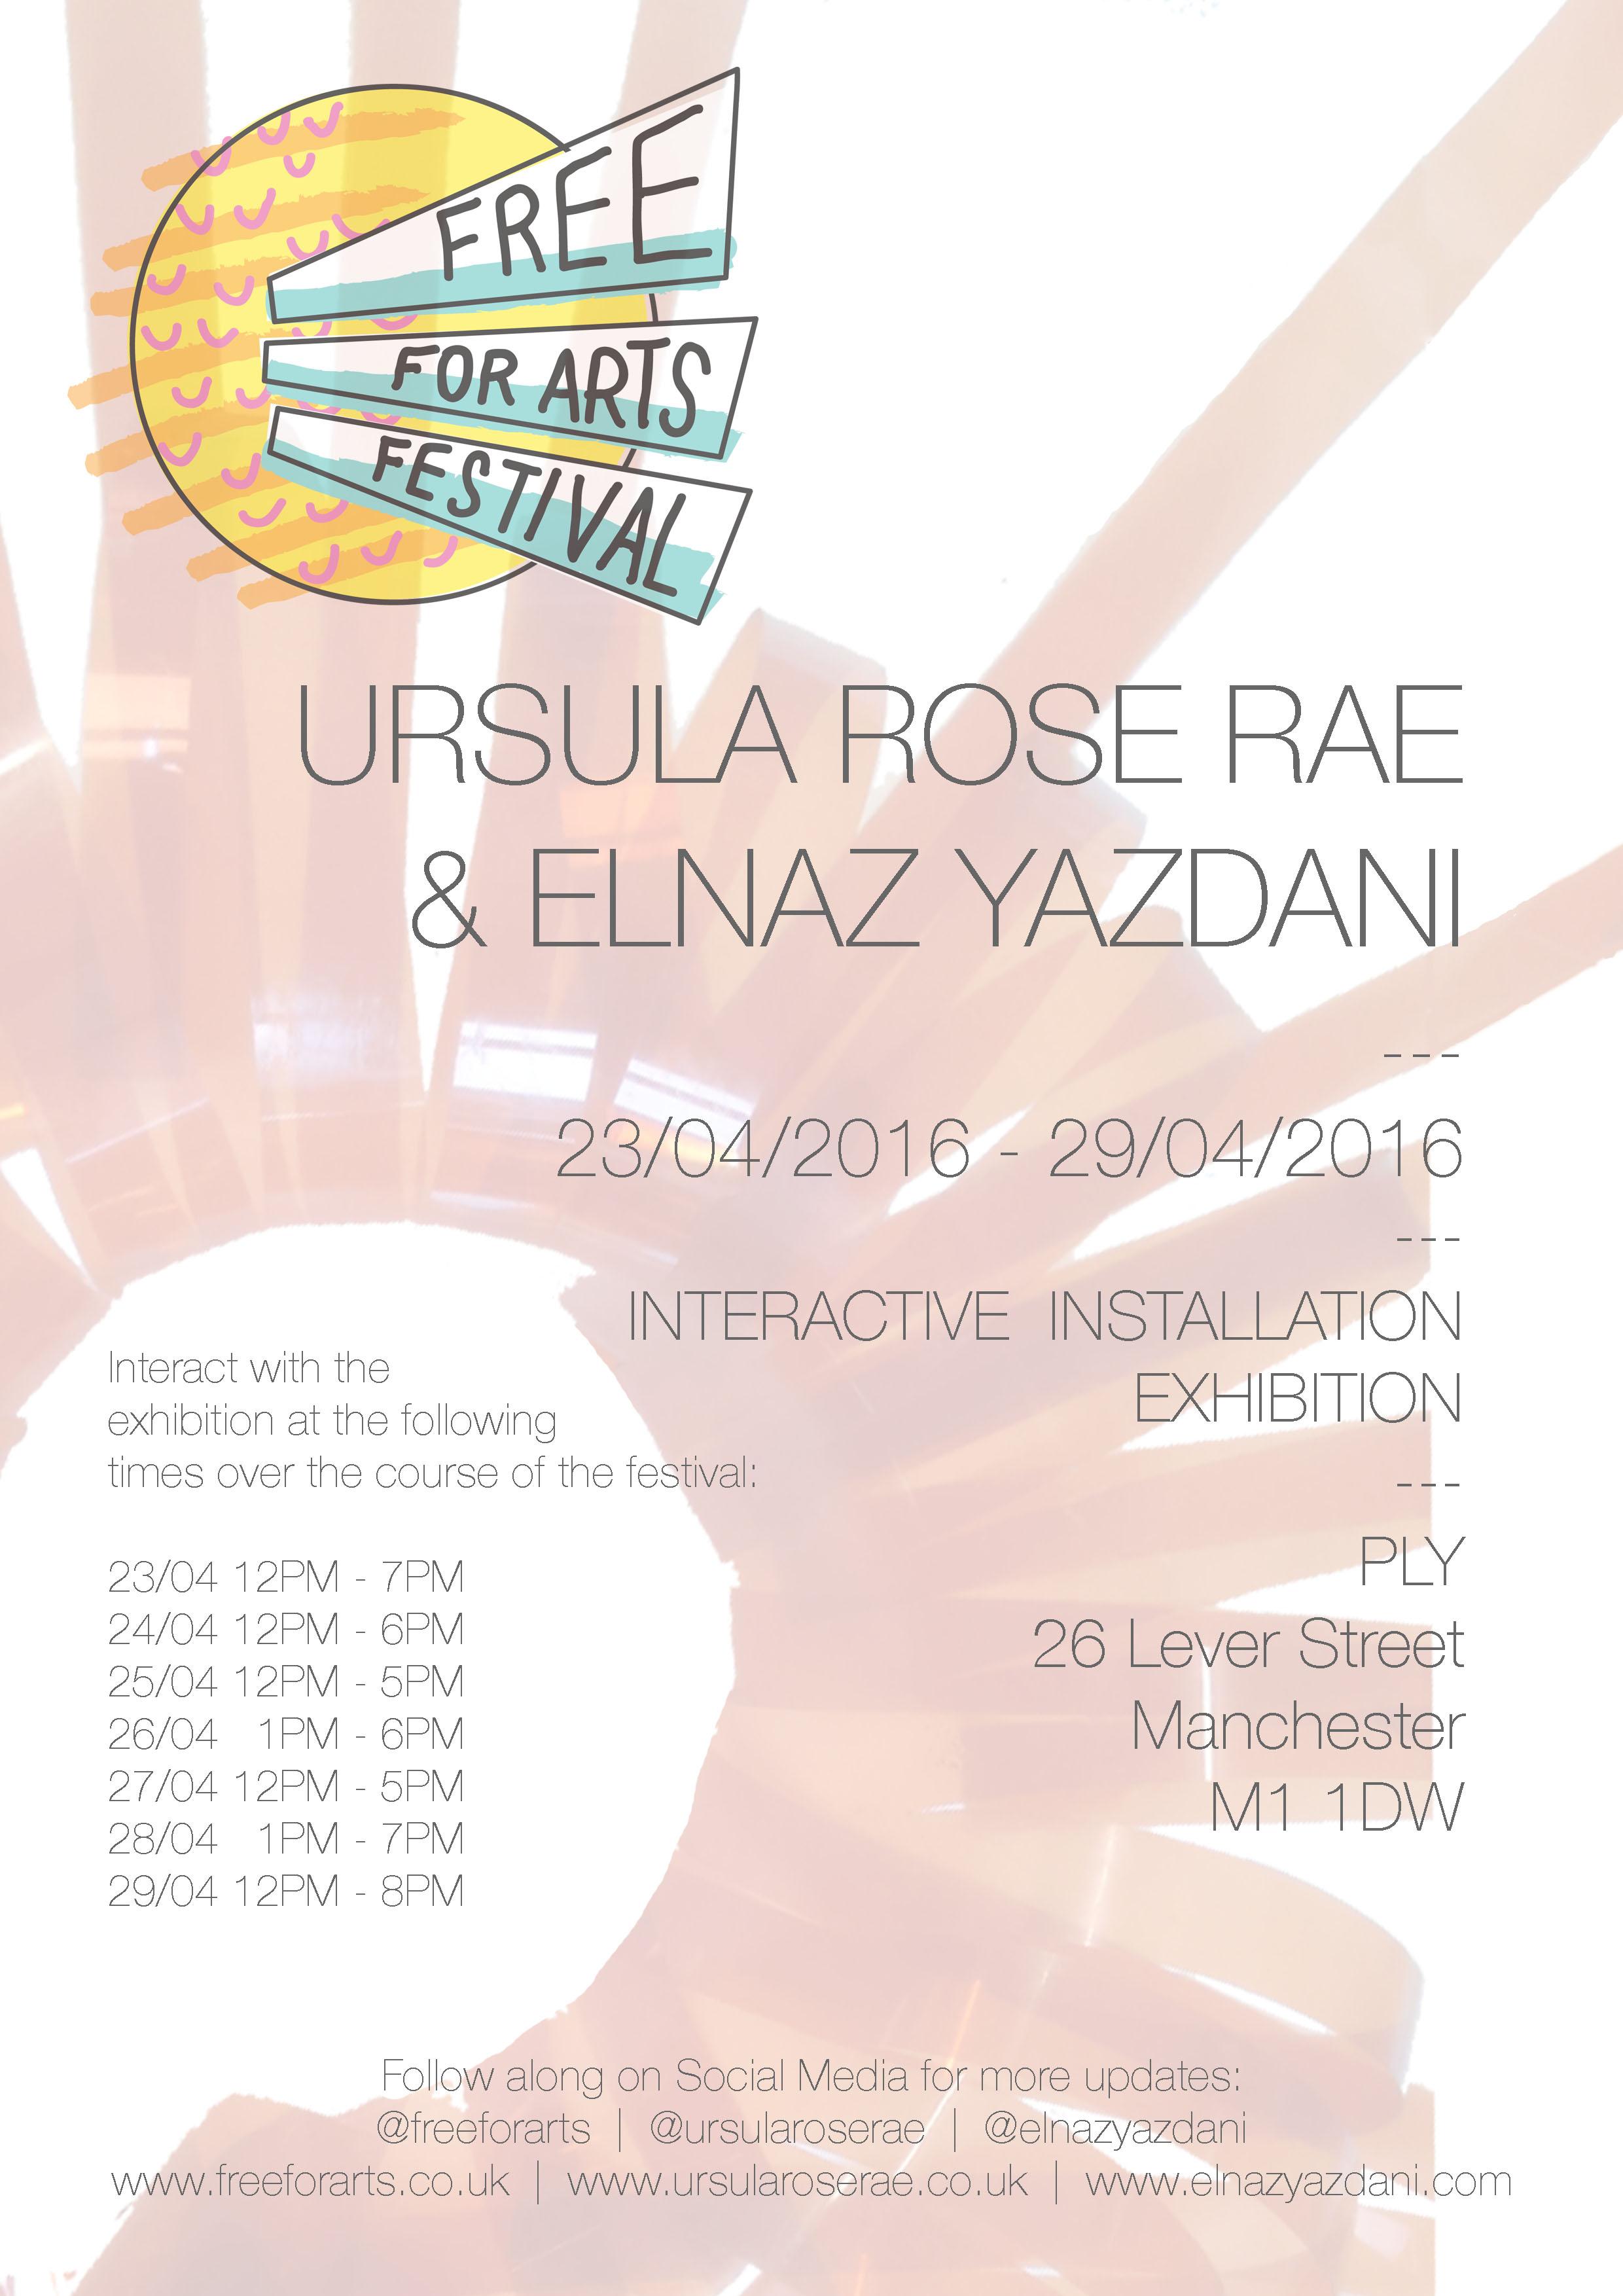 UrsulaRoseRae&ElnazYazdani.jpg